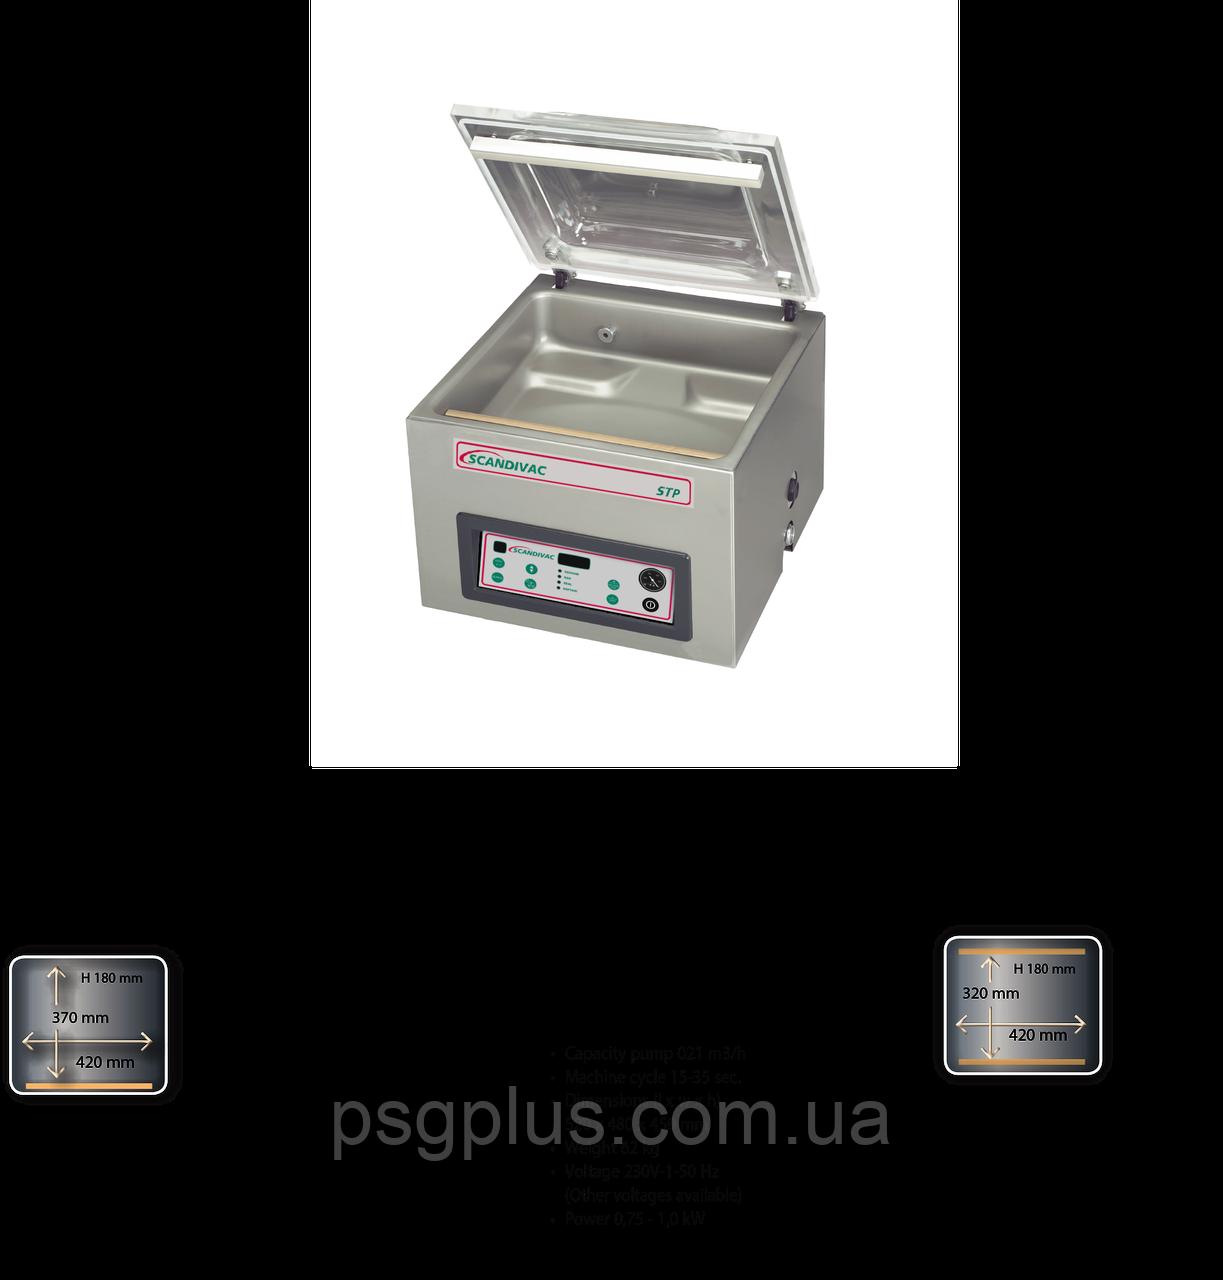 Вакуумный упаковщик SCANDIVAC STP 21-42, 21-42d